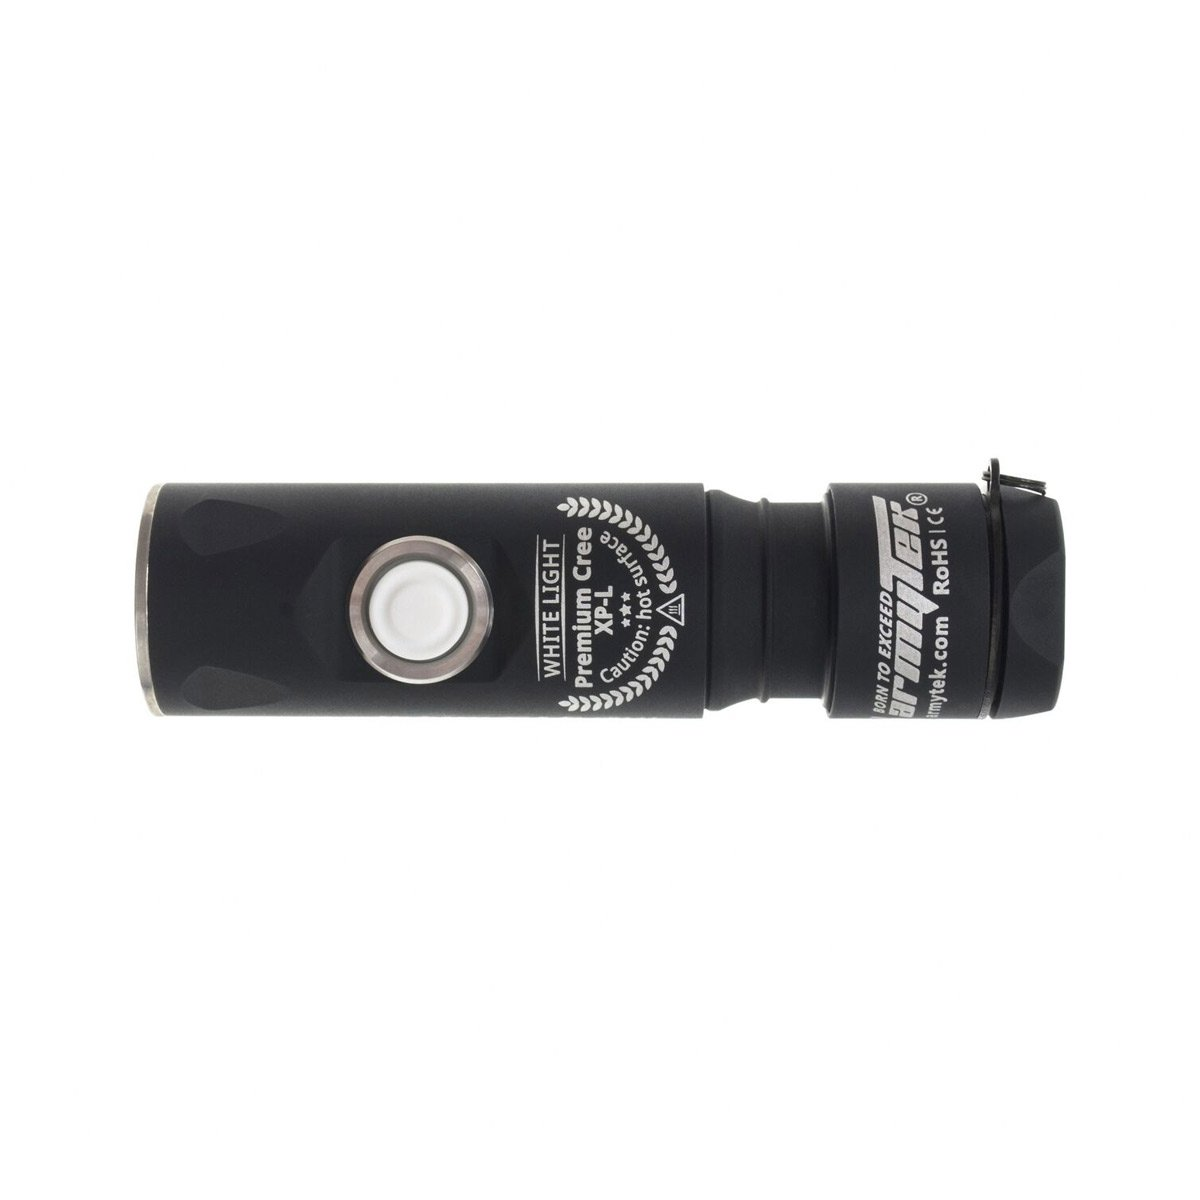 Armytek Prime C1 Pro XP-L (weiß) - Taschenlampe mit Holster, Clip & Schlüsselband - 800 LED Lumen